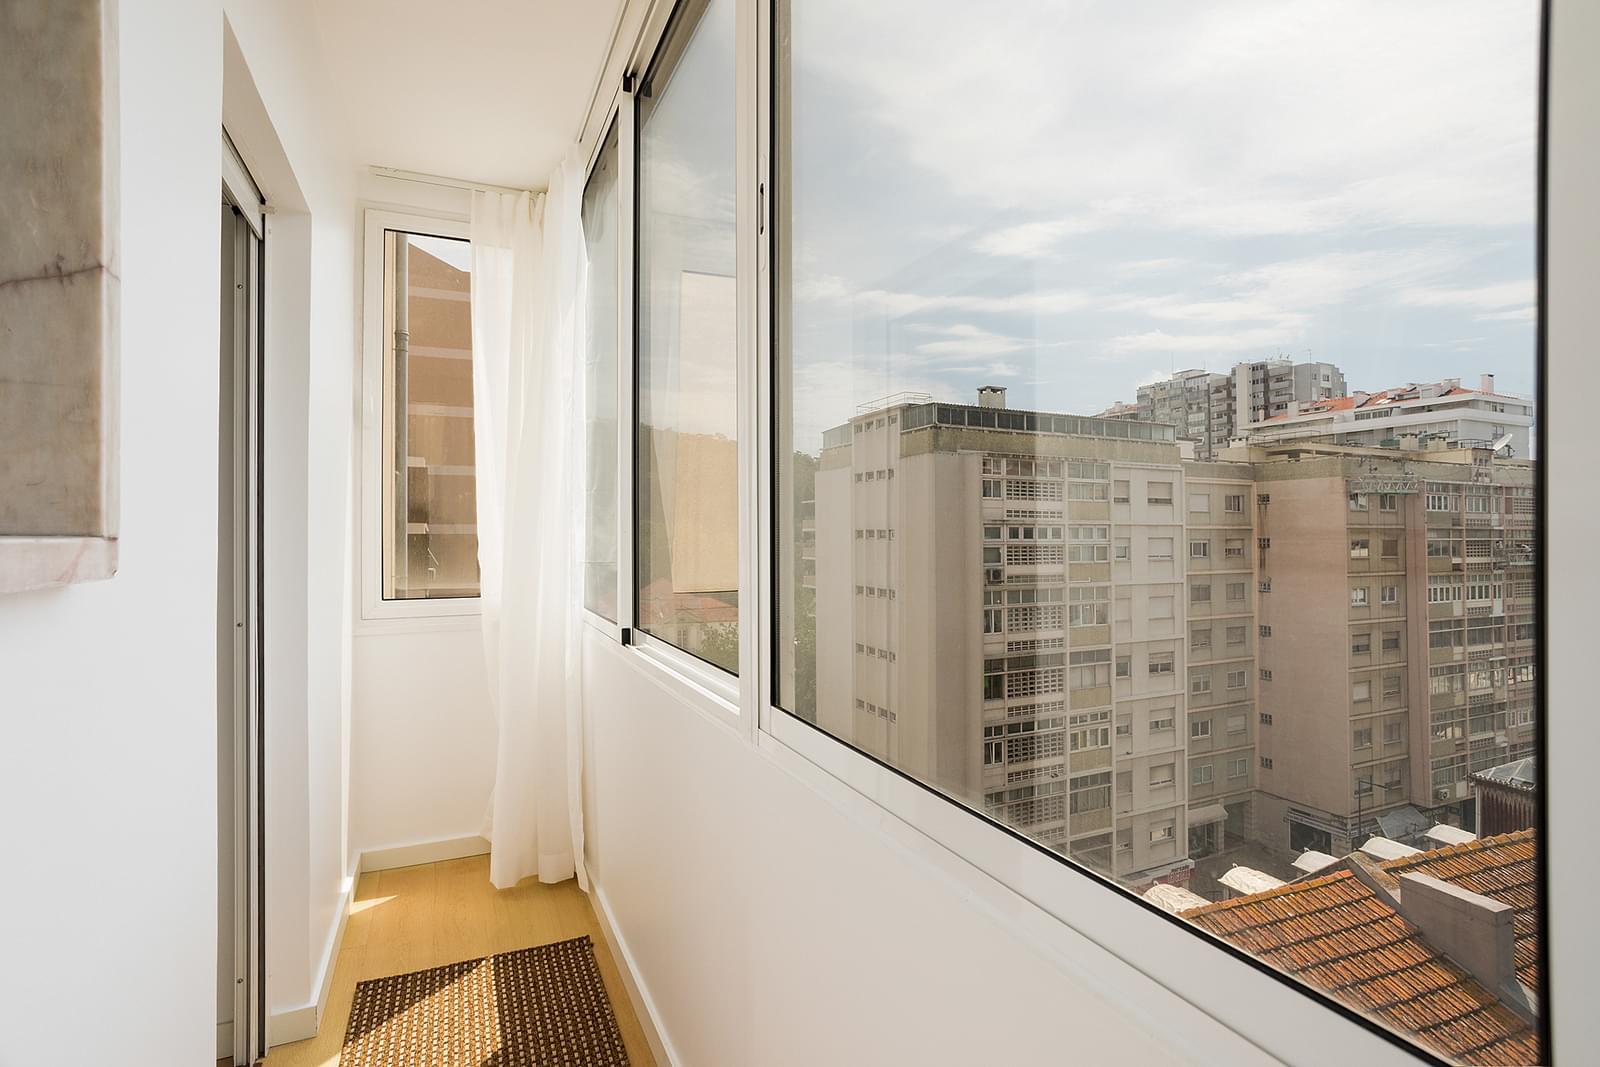 pf17340-apartamento-t3-lisboa-ead590c8-1081-434e-99d4-df455ac08d32